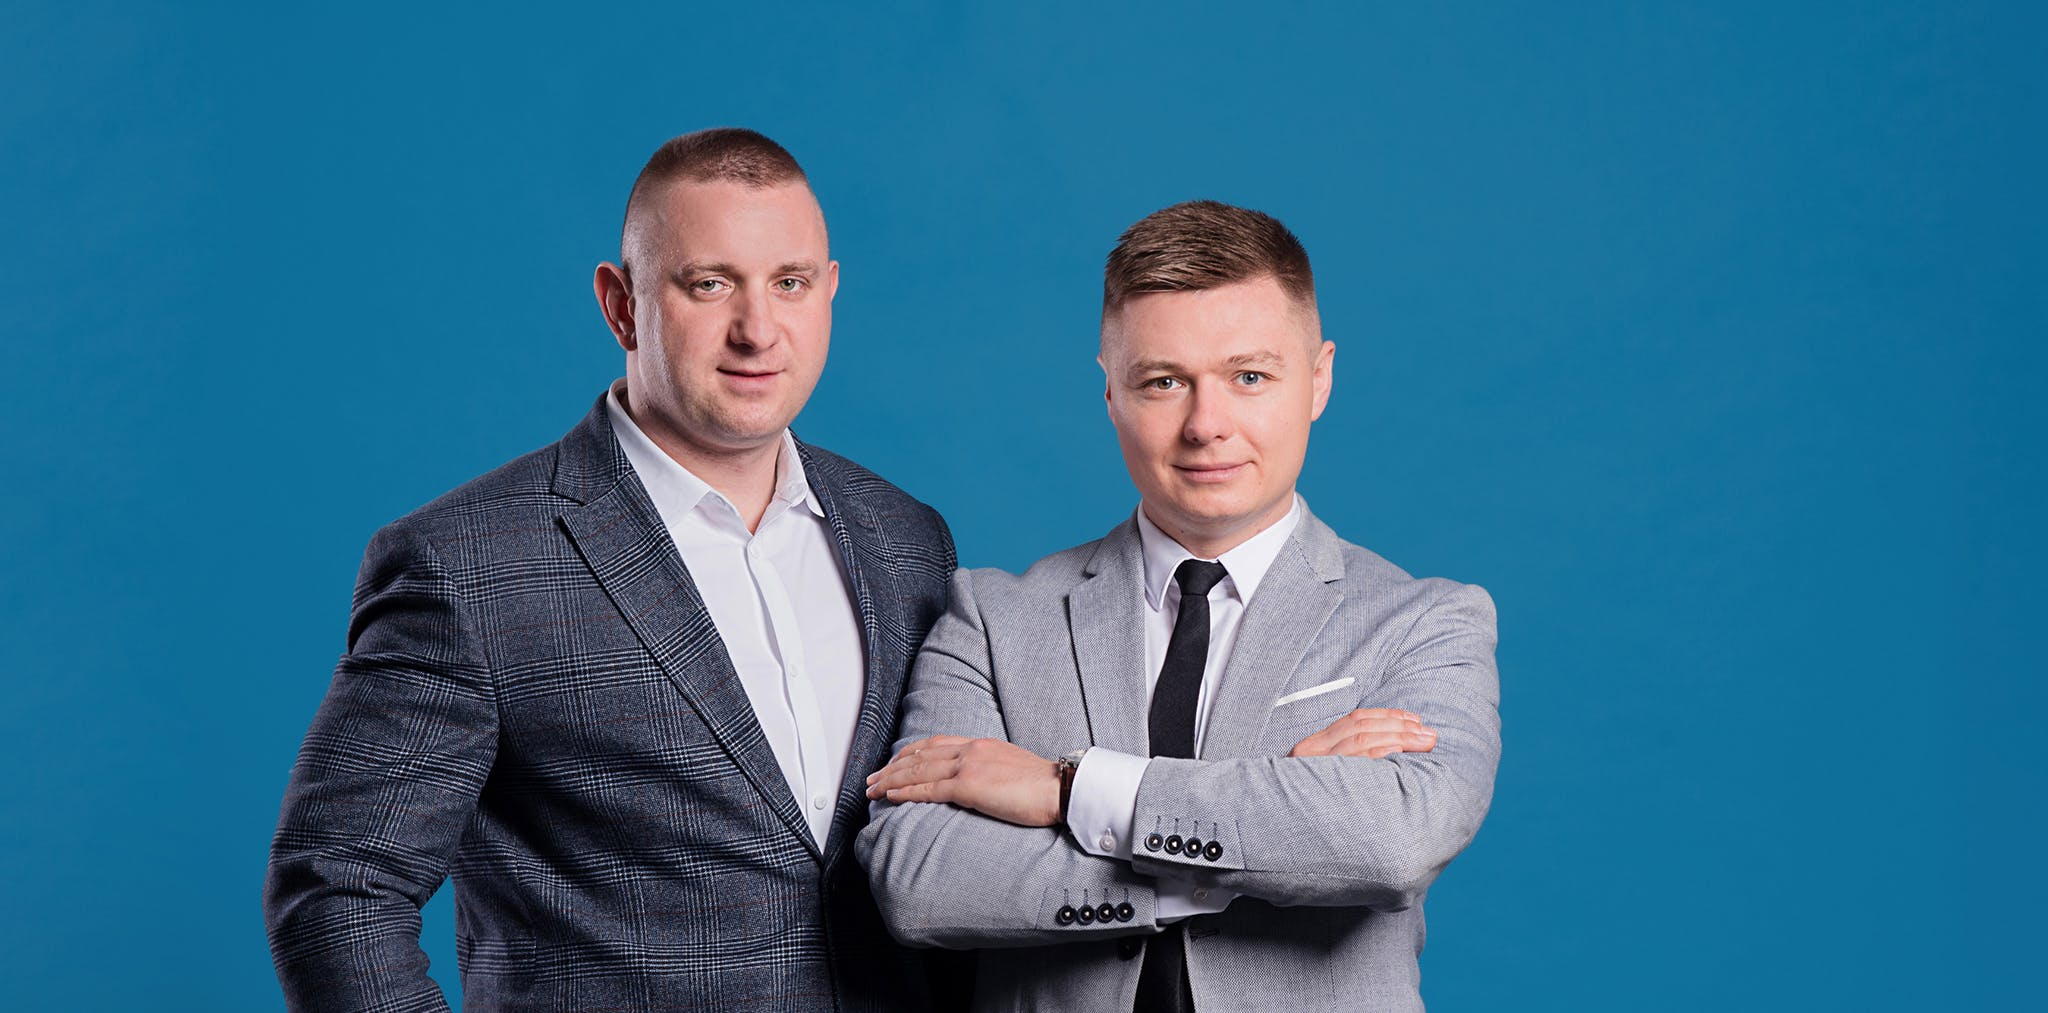 Lider Nieruchomości Otodom 2020, województwo lubelskie: Alternatywne Biuro Nieruchomości Lublinvest